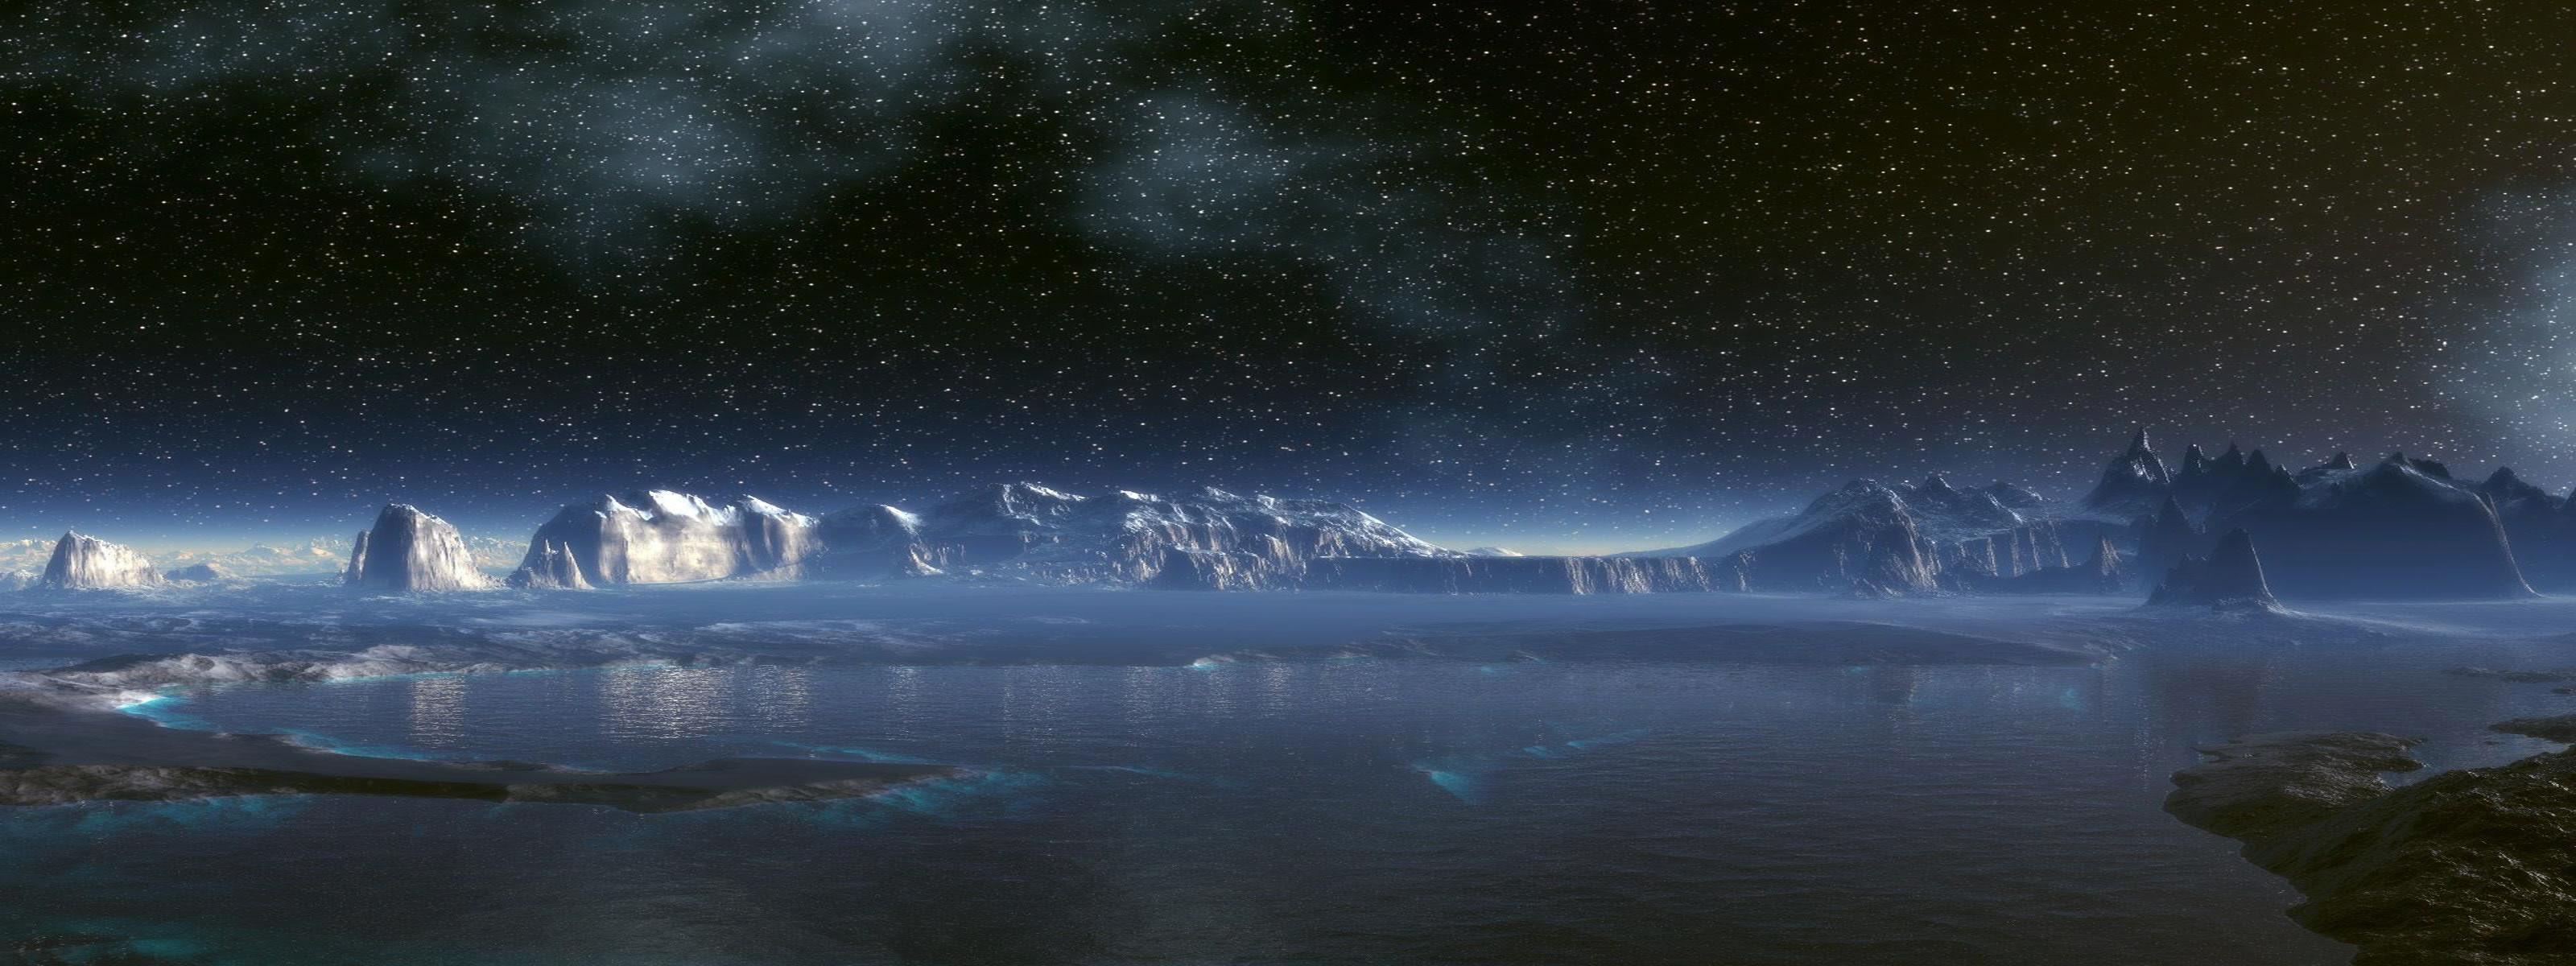 рецепты панорамное фото звездное небо круговой обзор попасться